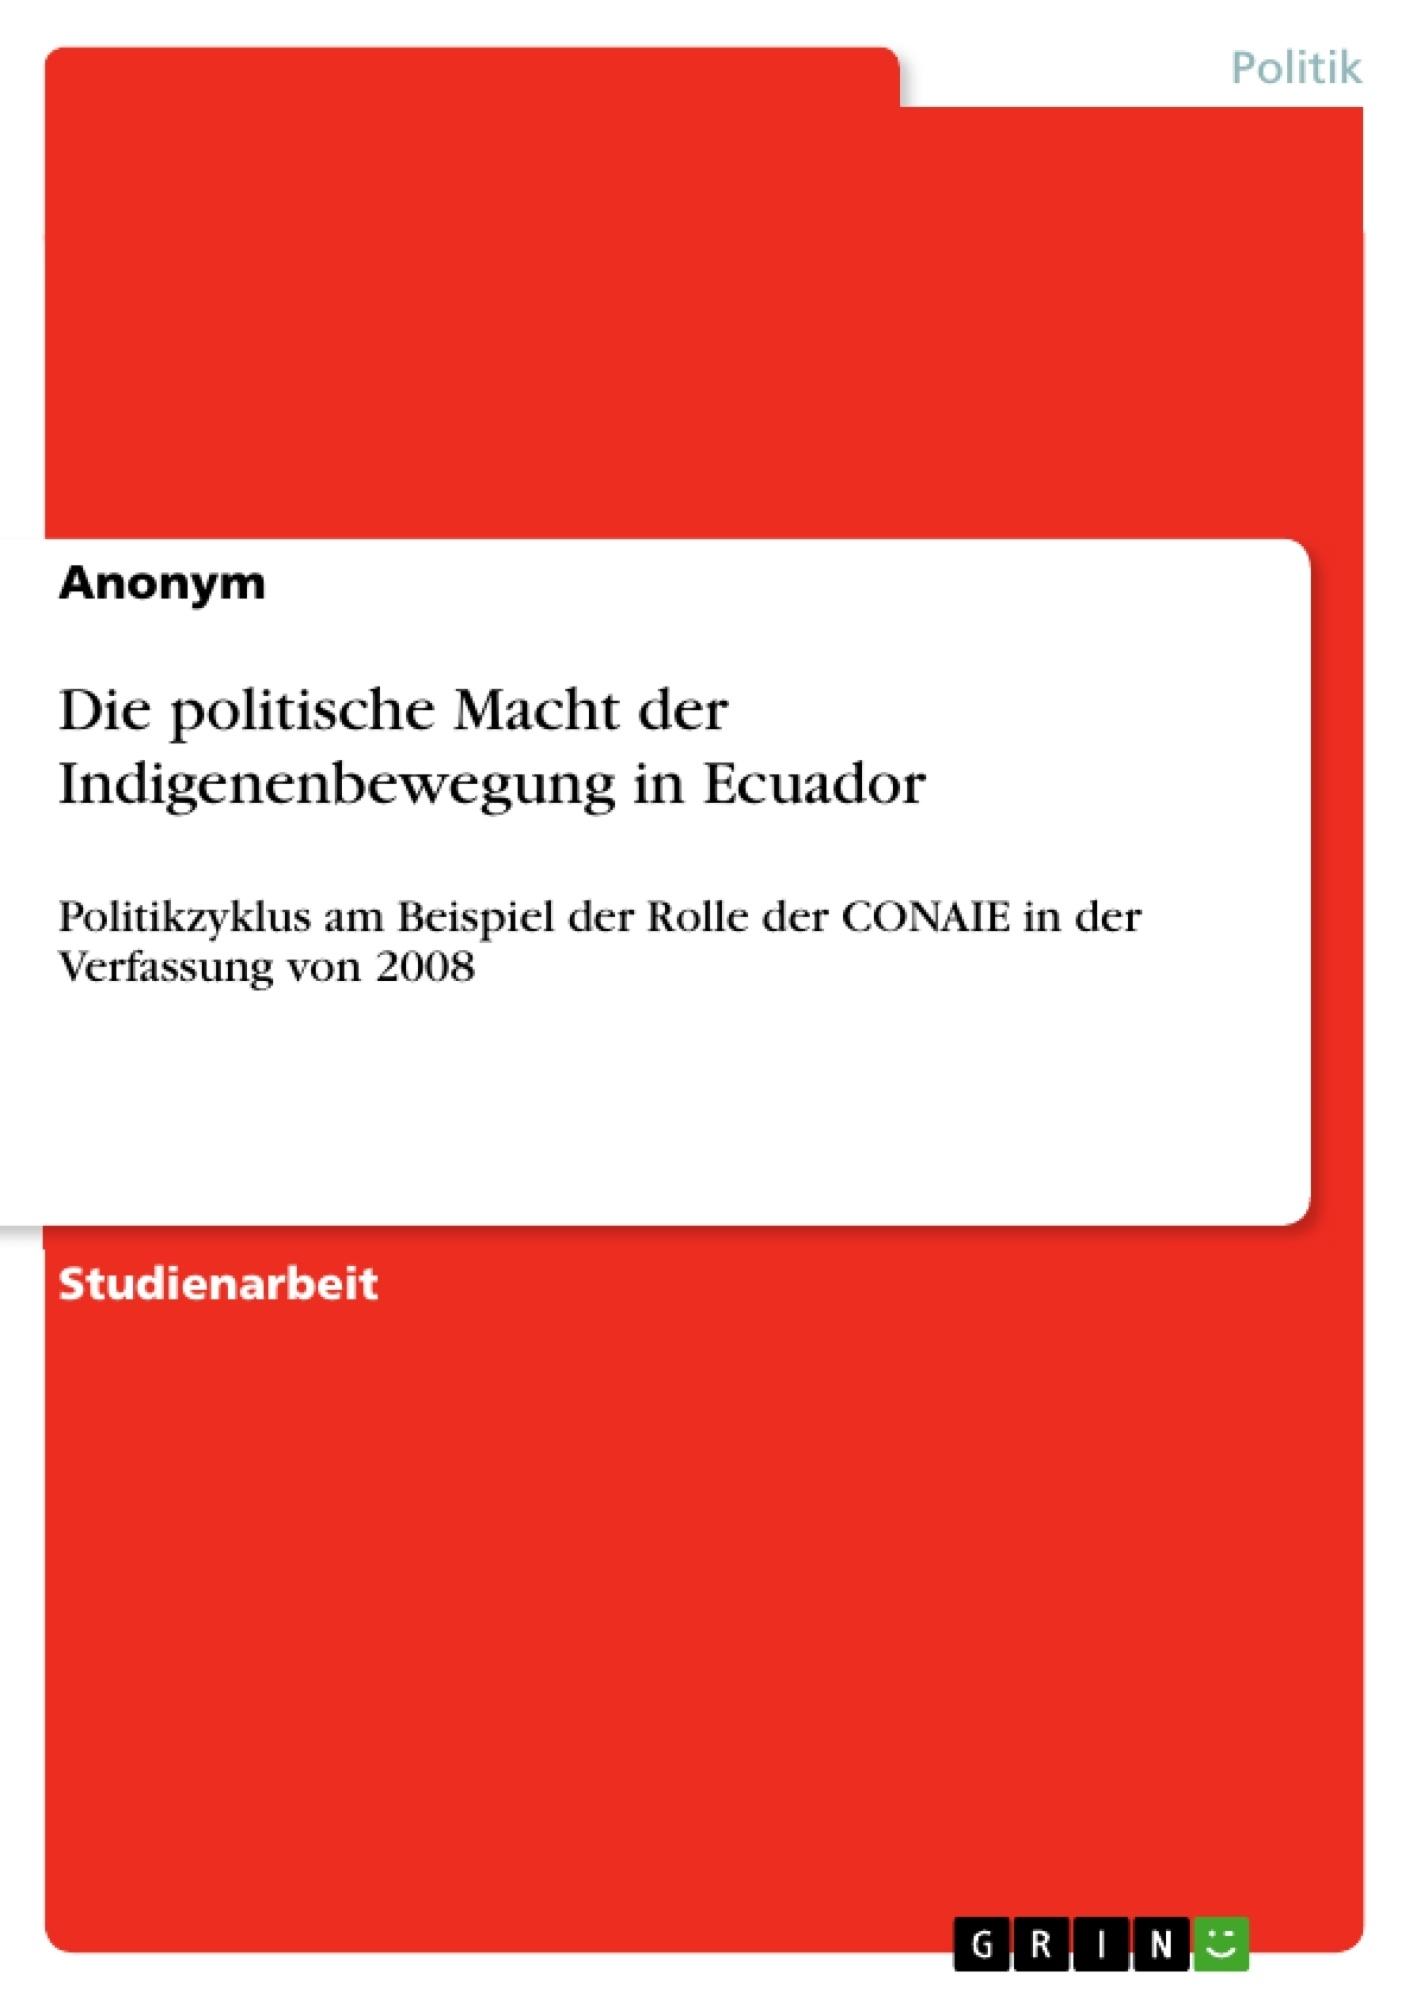 Titel: Die politische Macht der Indigenenbewegung in Ecuador